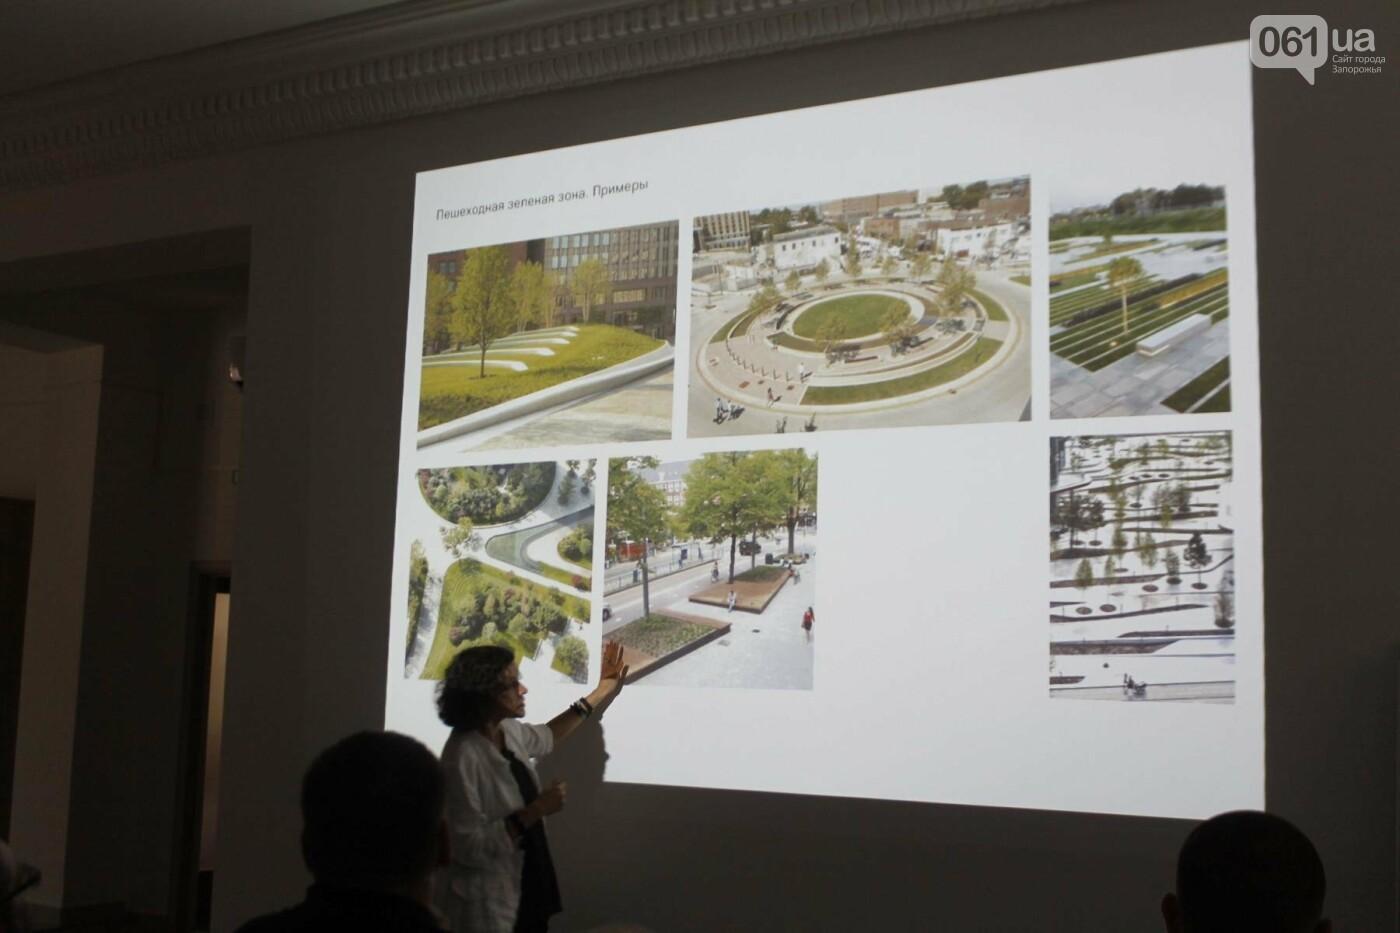 В Запорожье провели мозговой штурм и обсудили будущий проект Привокзальной площади, – ФОТОРЕПОРТАЖ, фото-6